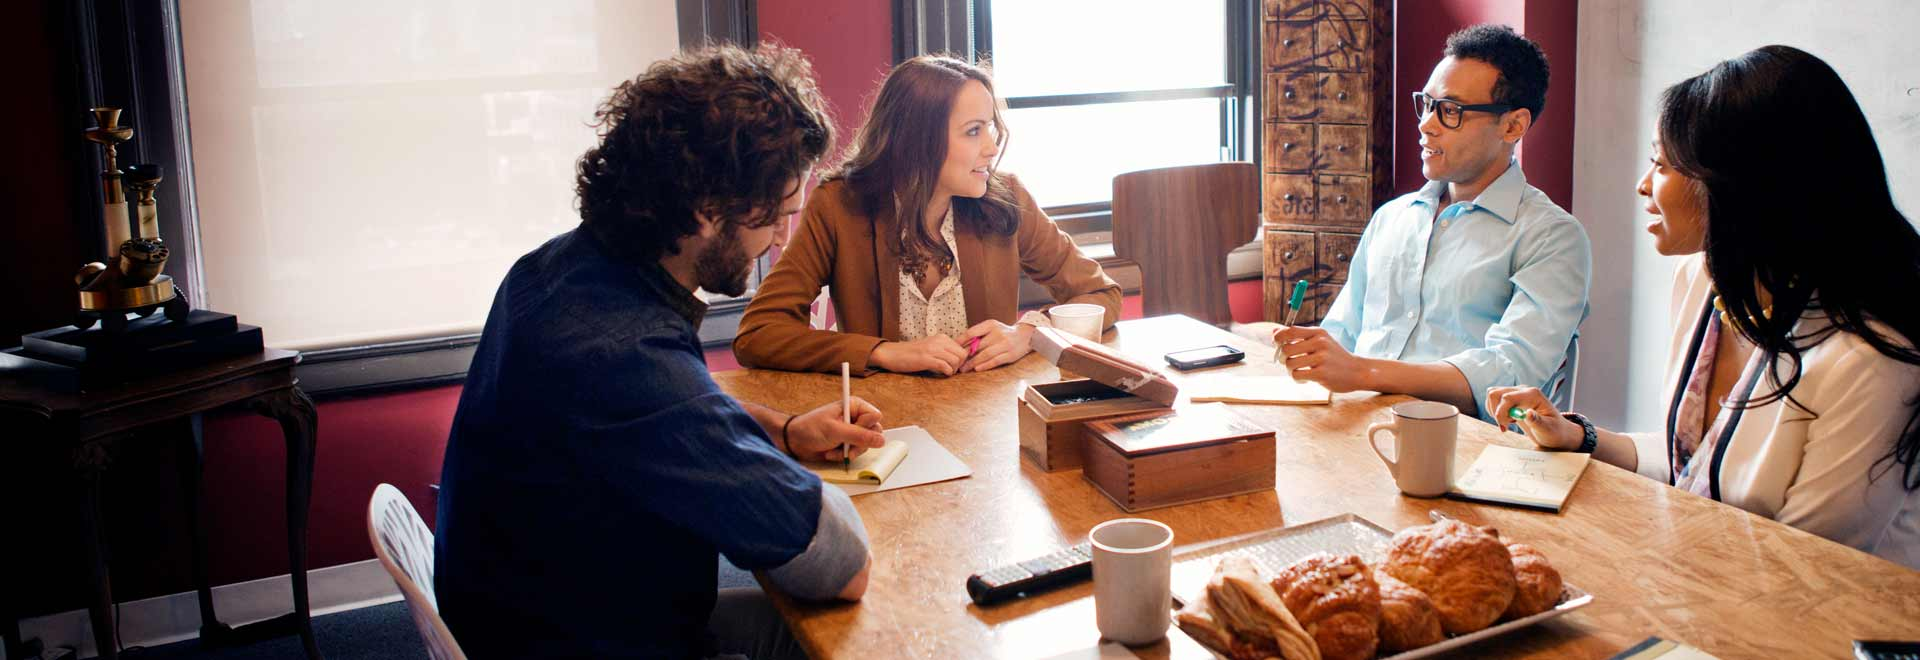 Четирима души работят в офис с Office 365 Enterprise E3.